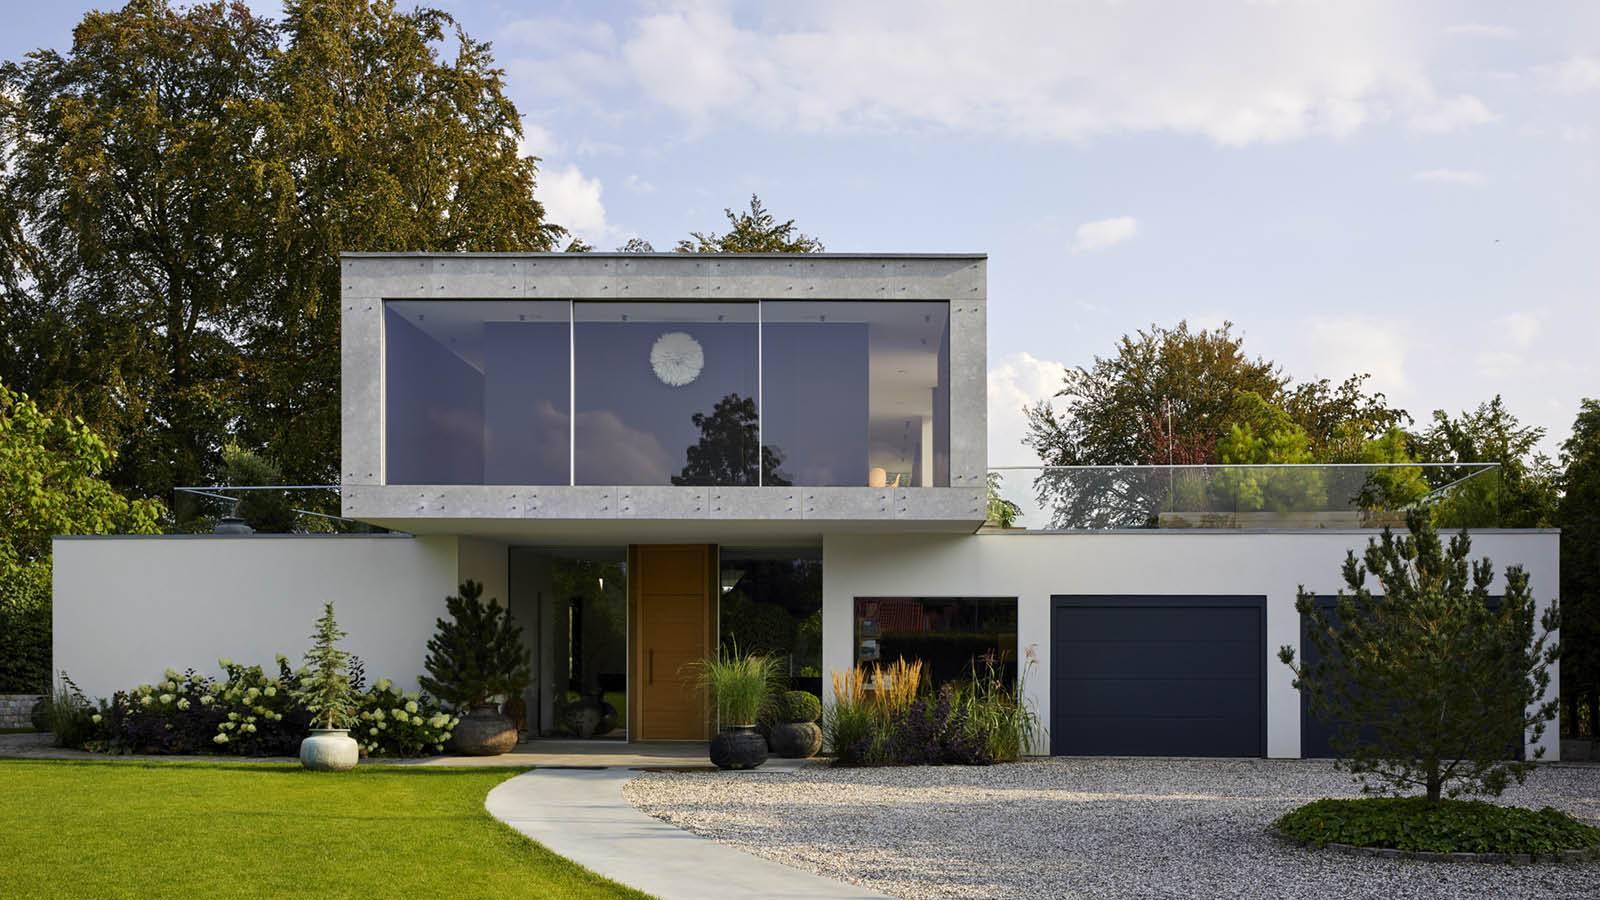 MAIN ENTRANCE FACADE - CPH HOUSE - SPOL Architects